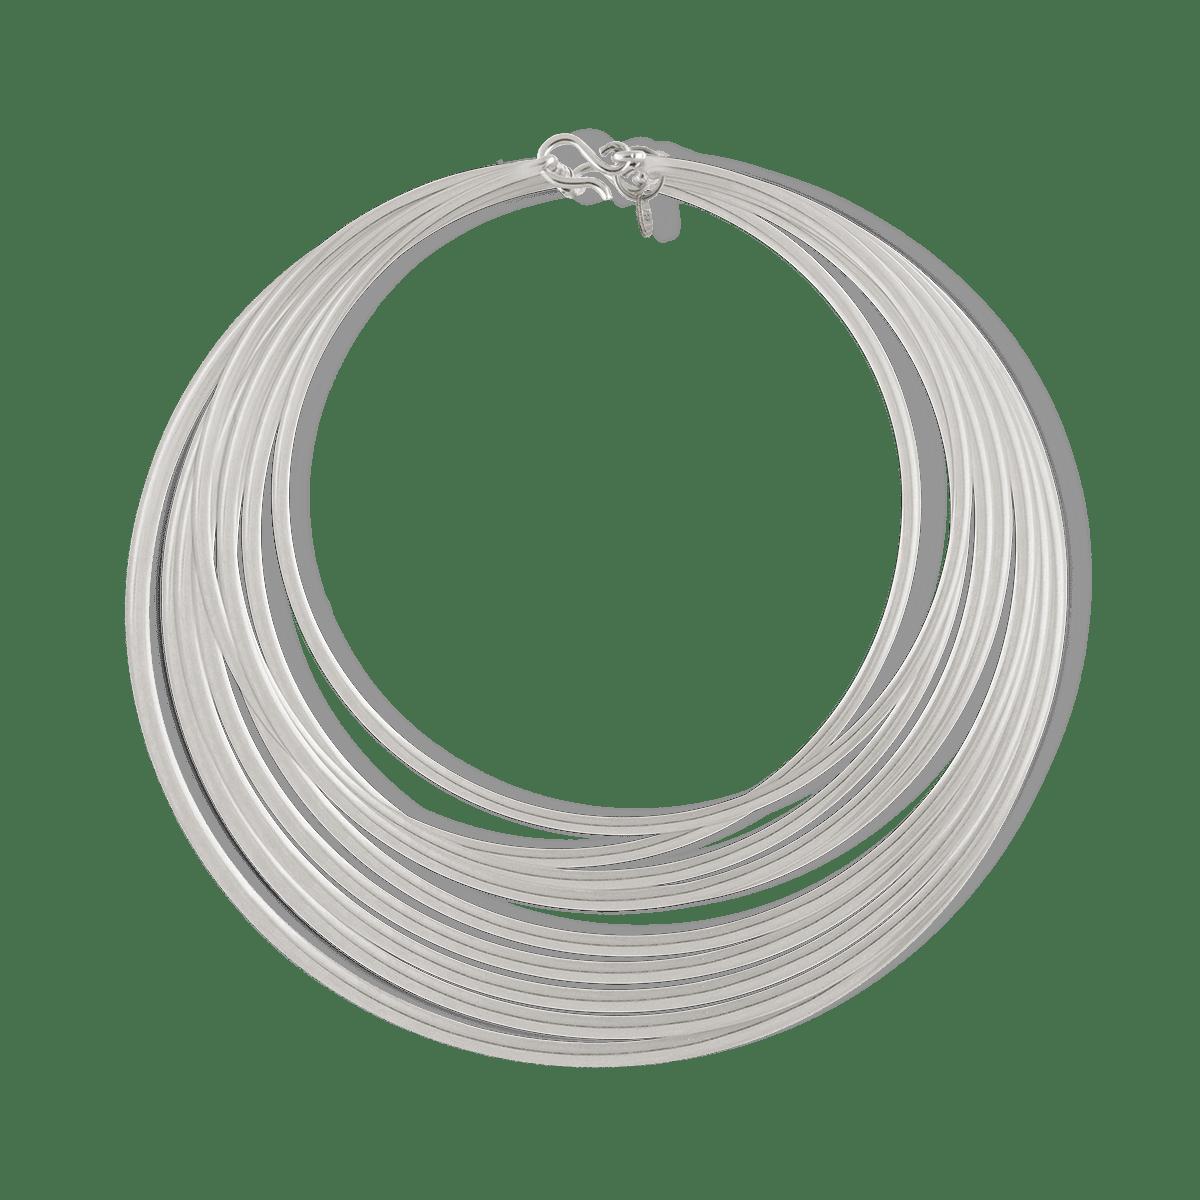 گردنبند نقره رینگز Rings